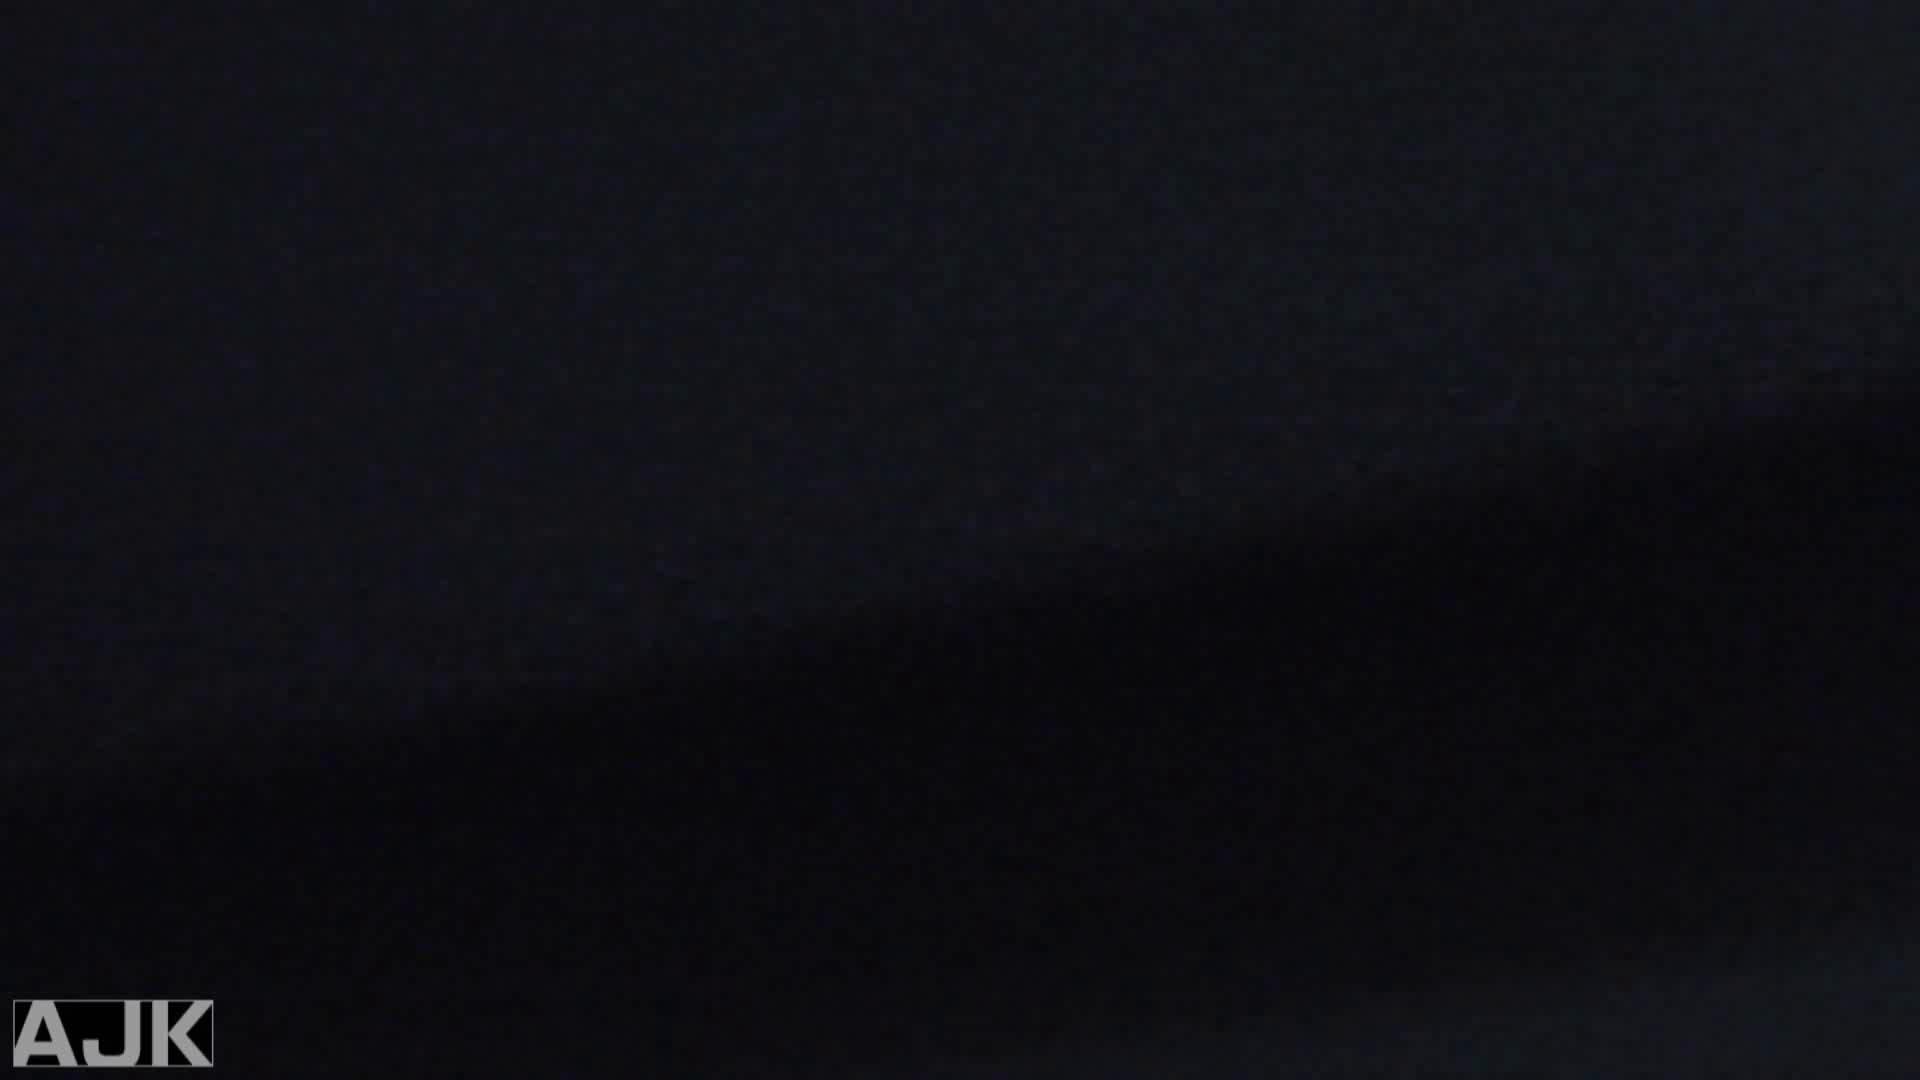 神降臨!史上最強の潜入かわや! vol.21 潜入突撃   モロだしオマンコ  103pic 92